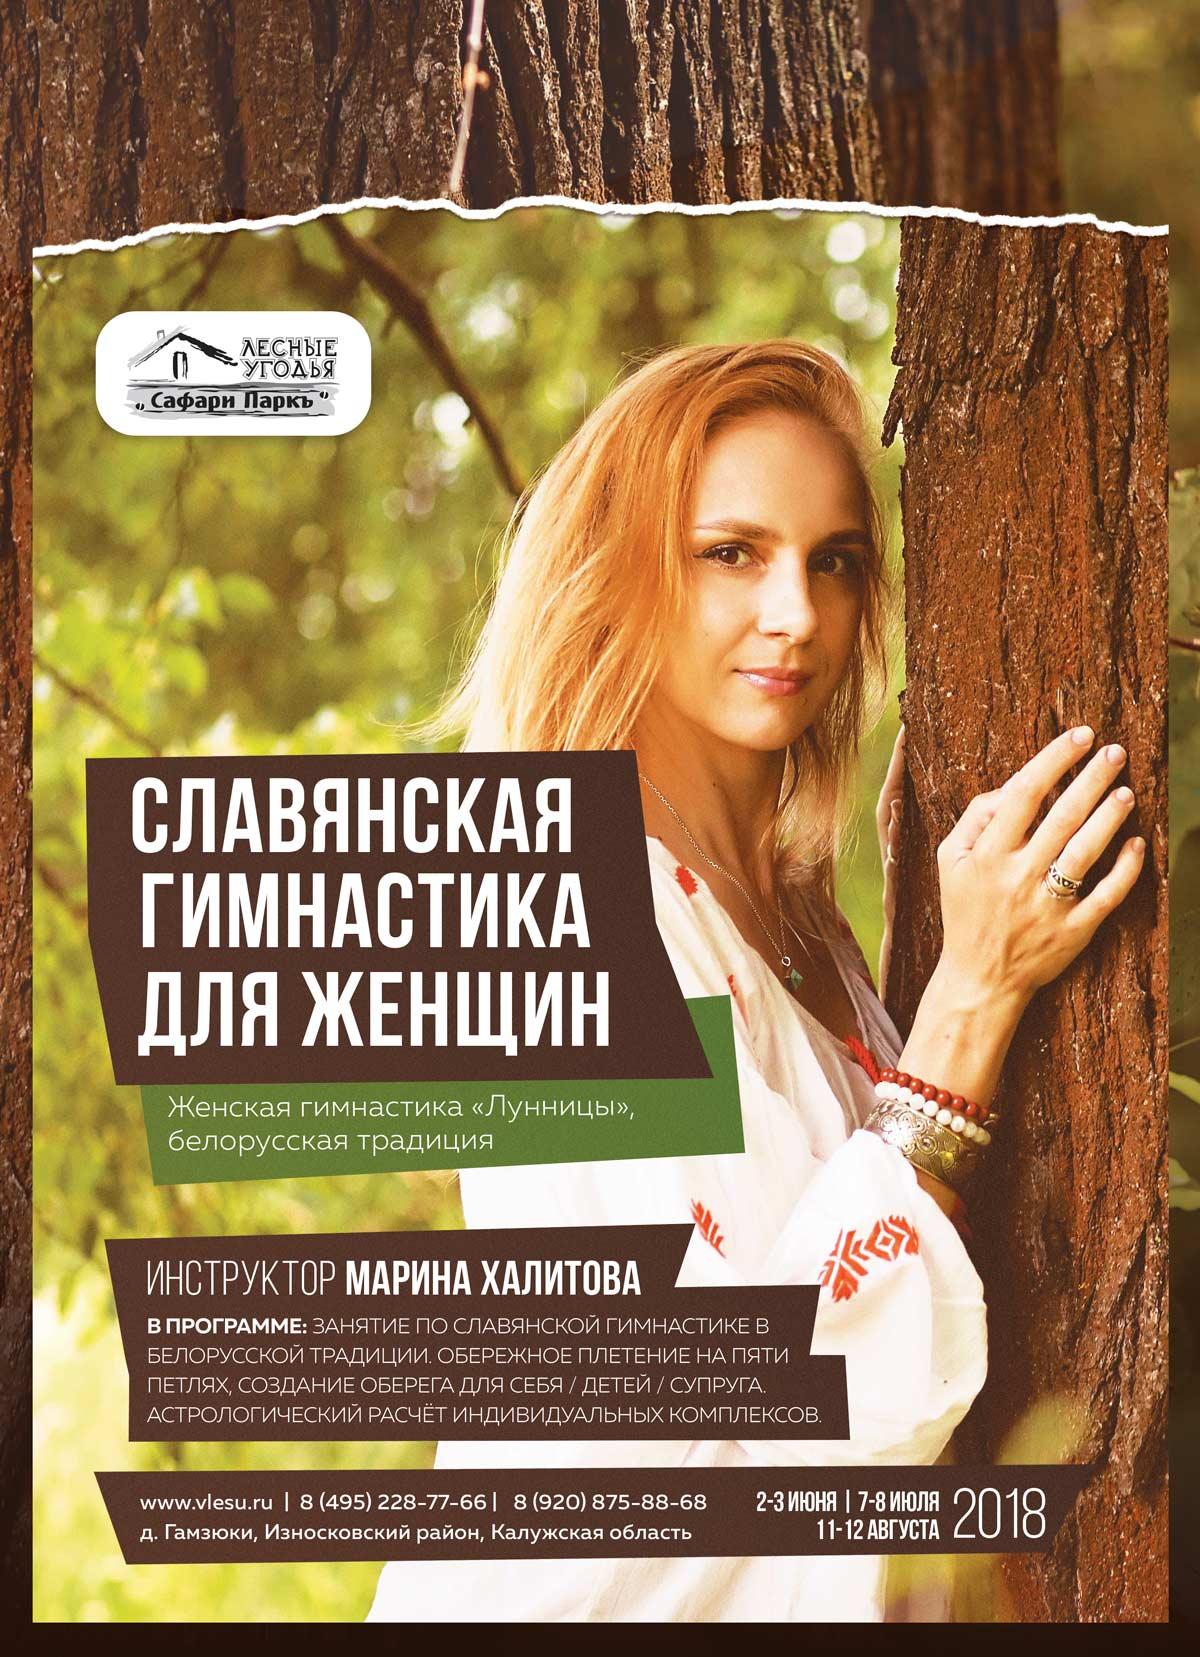 Slavyanskaya-Gimnastika-site